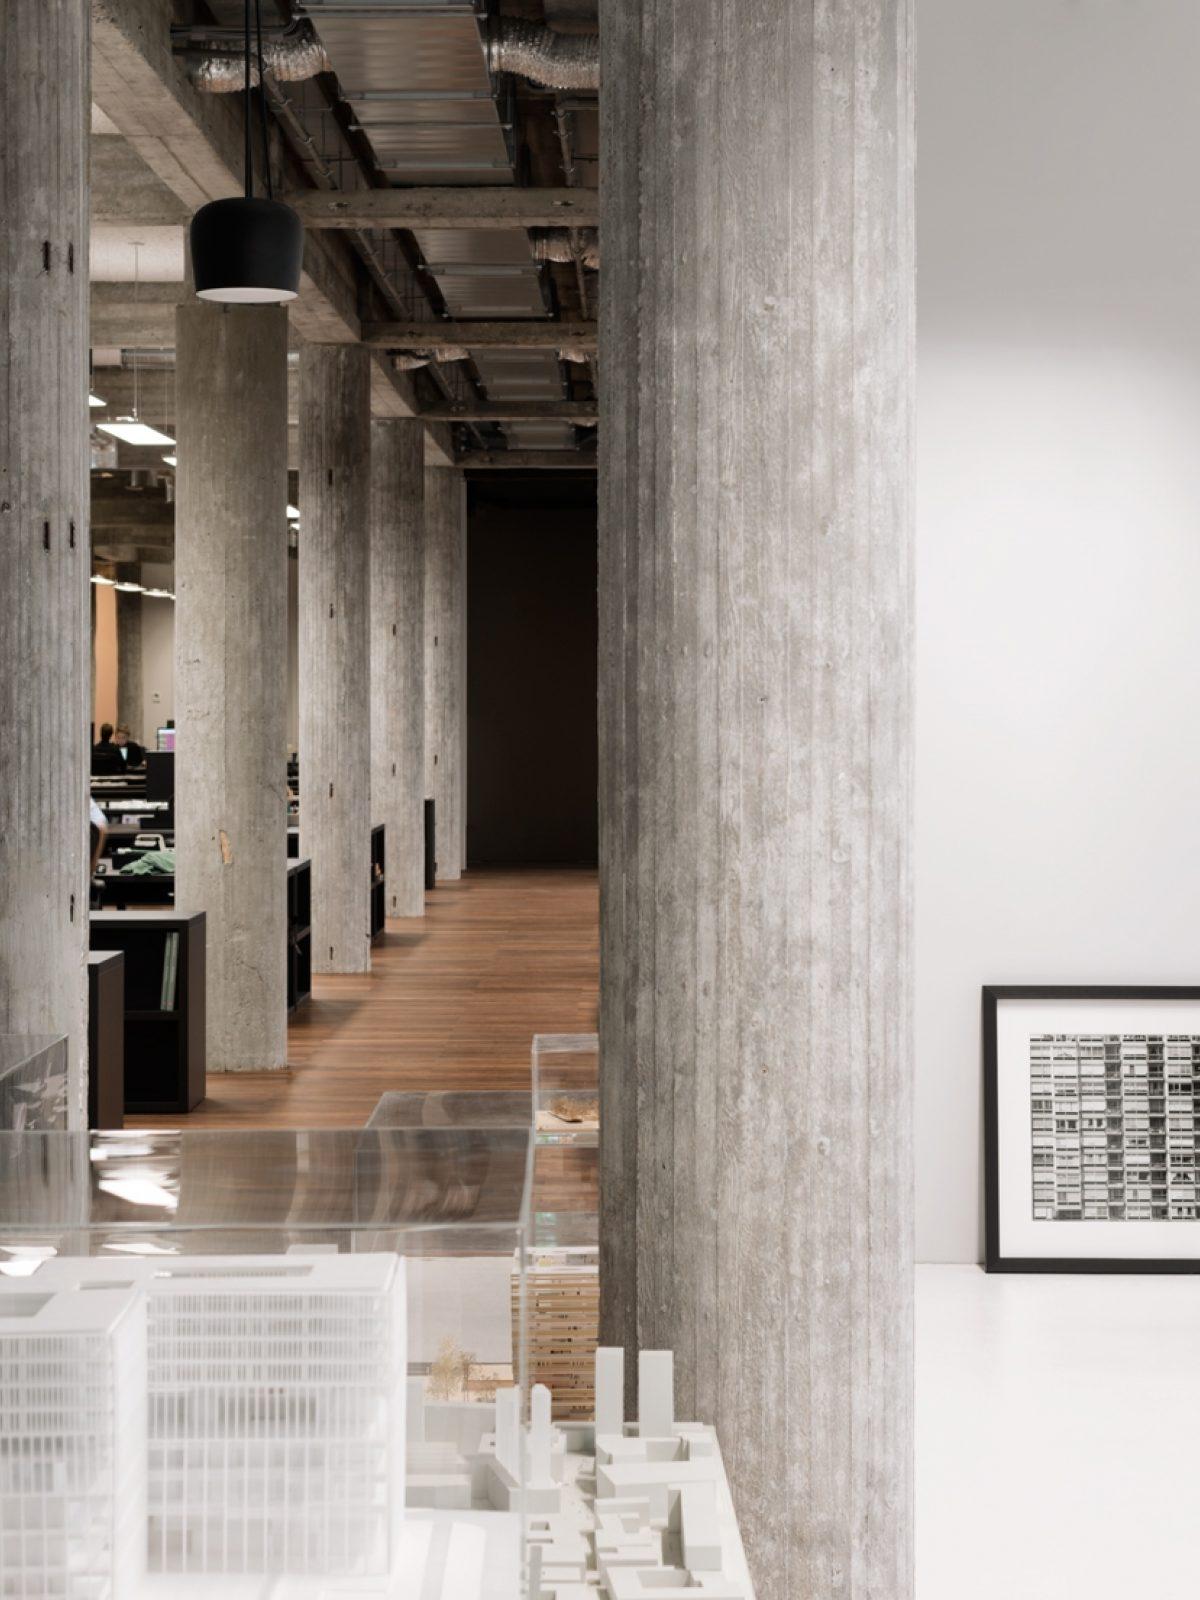 17 De Bank KAAN Architecten Simone Bossi